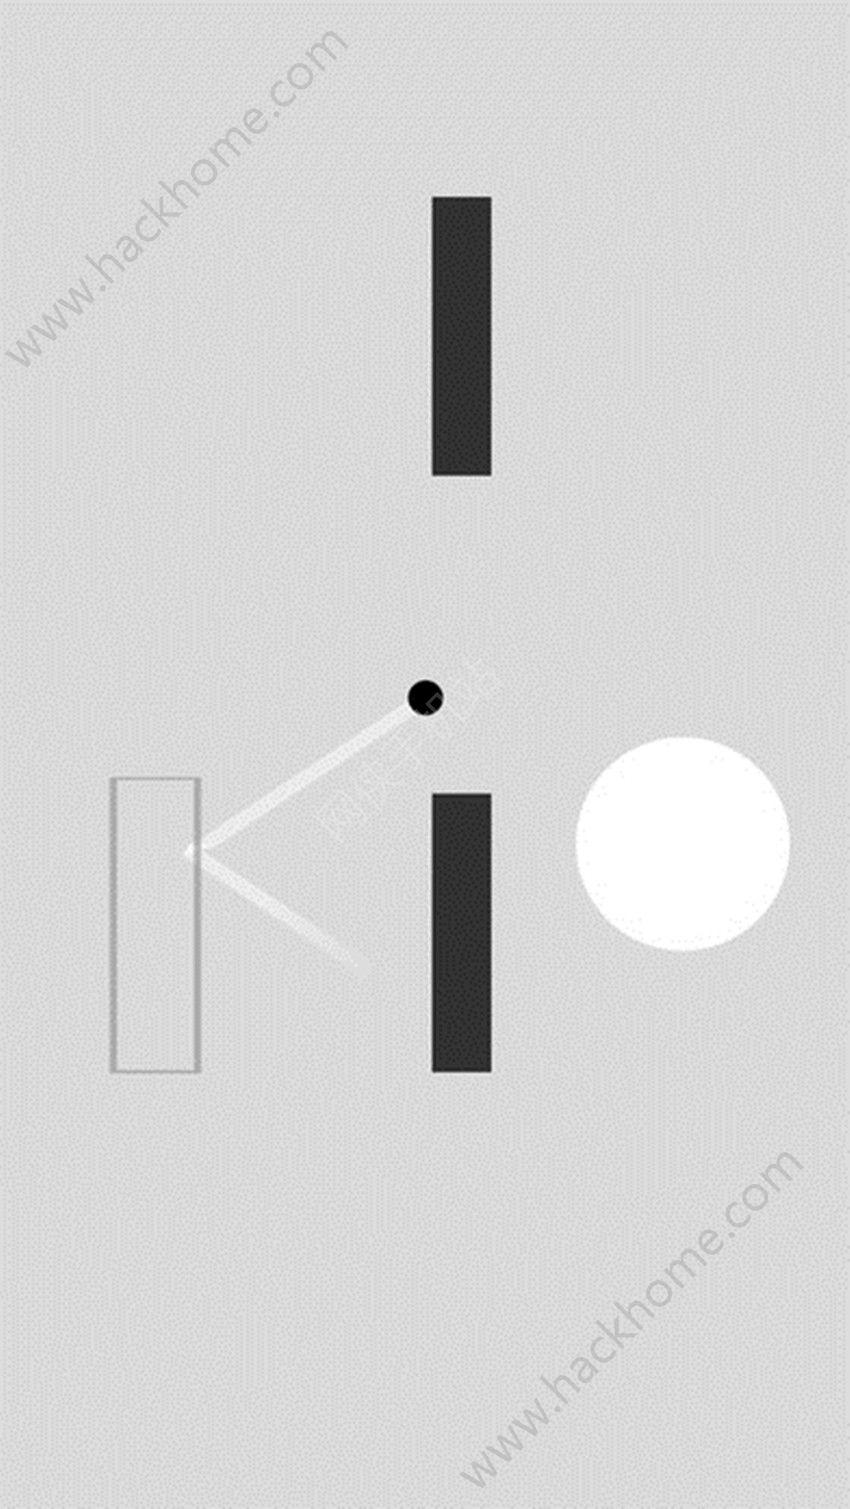 反射球游戏手机版下载图5: